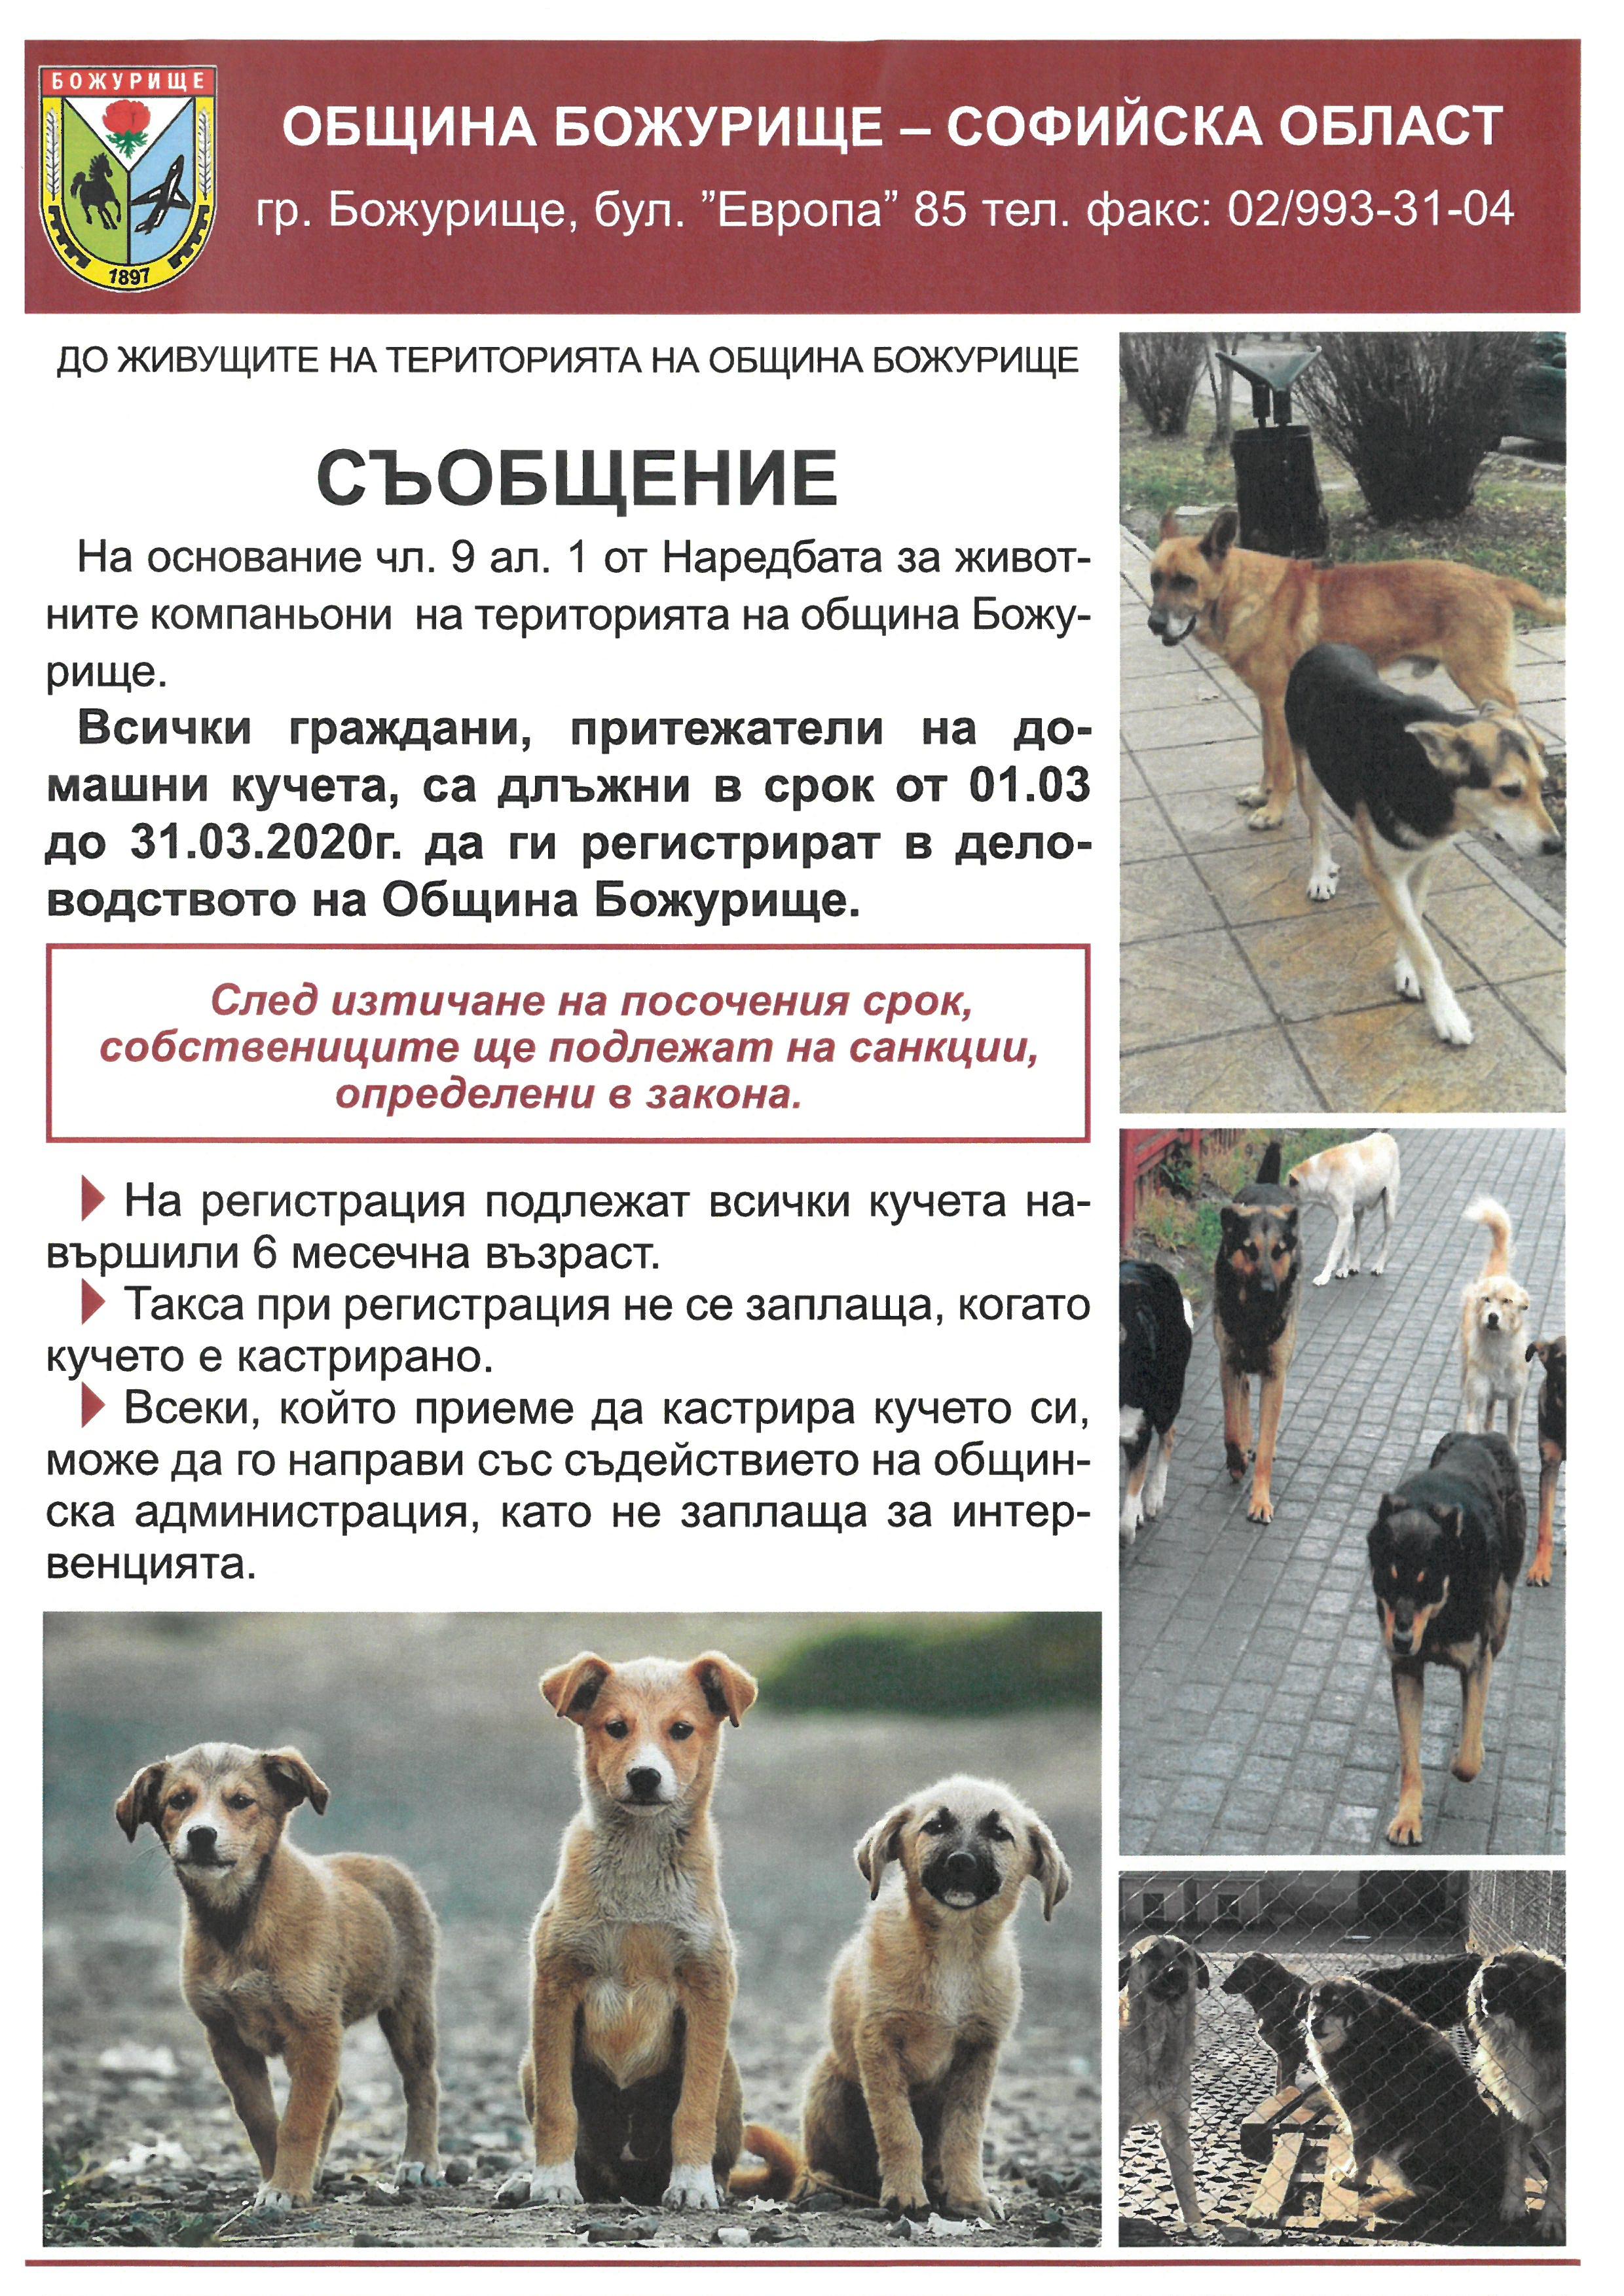 До всички притежатели на домашни кучета на територията на община Божурище